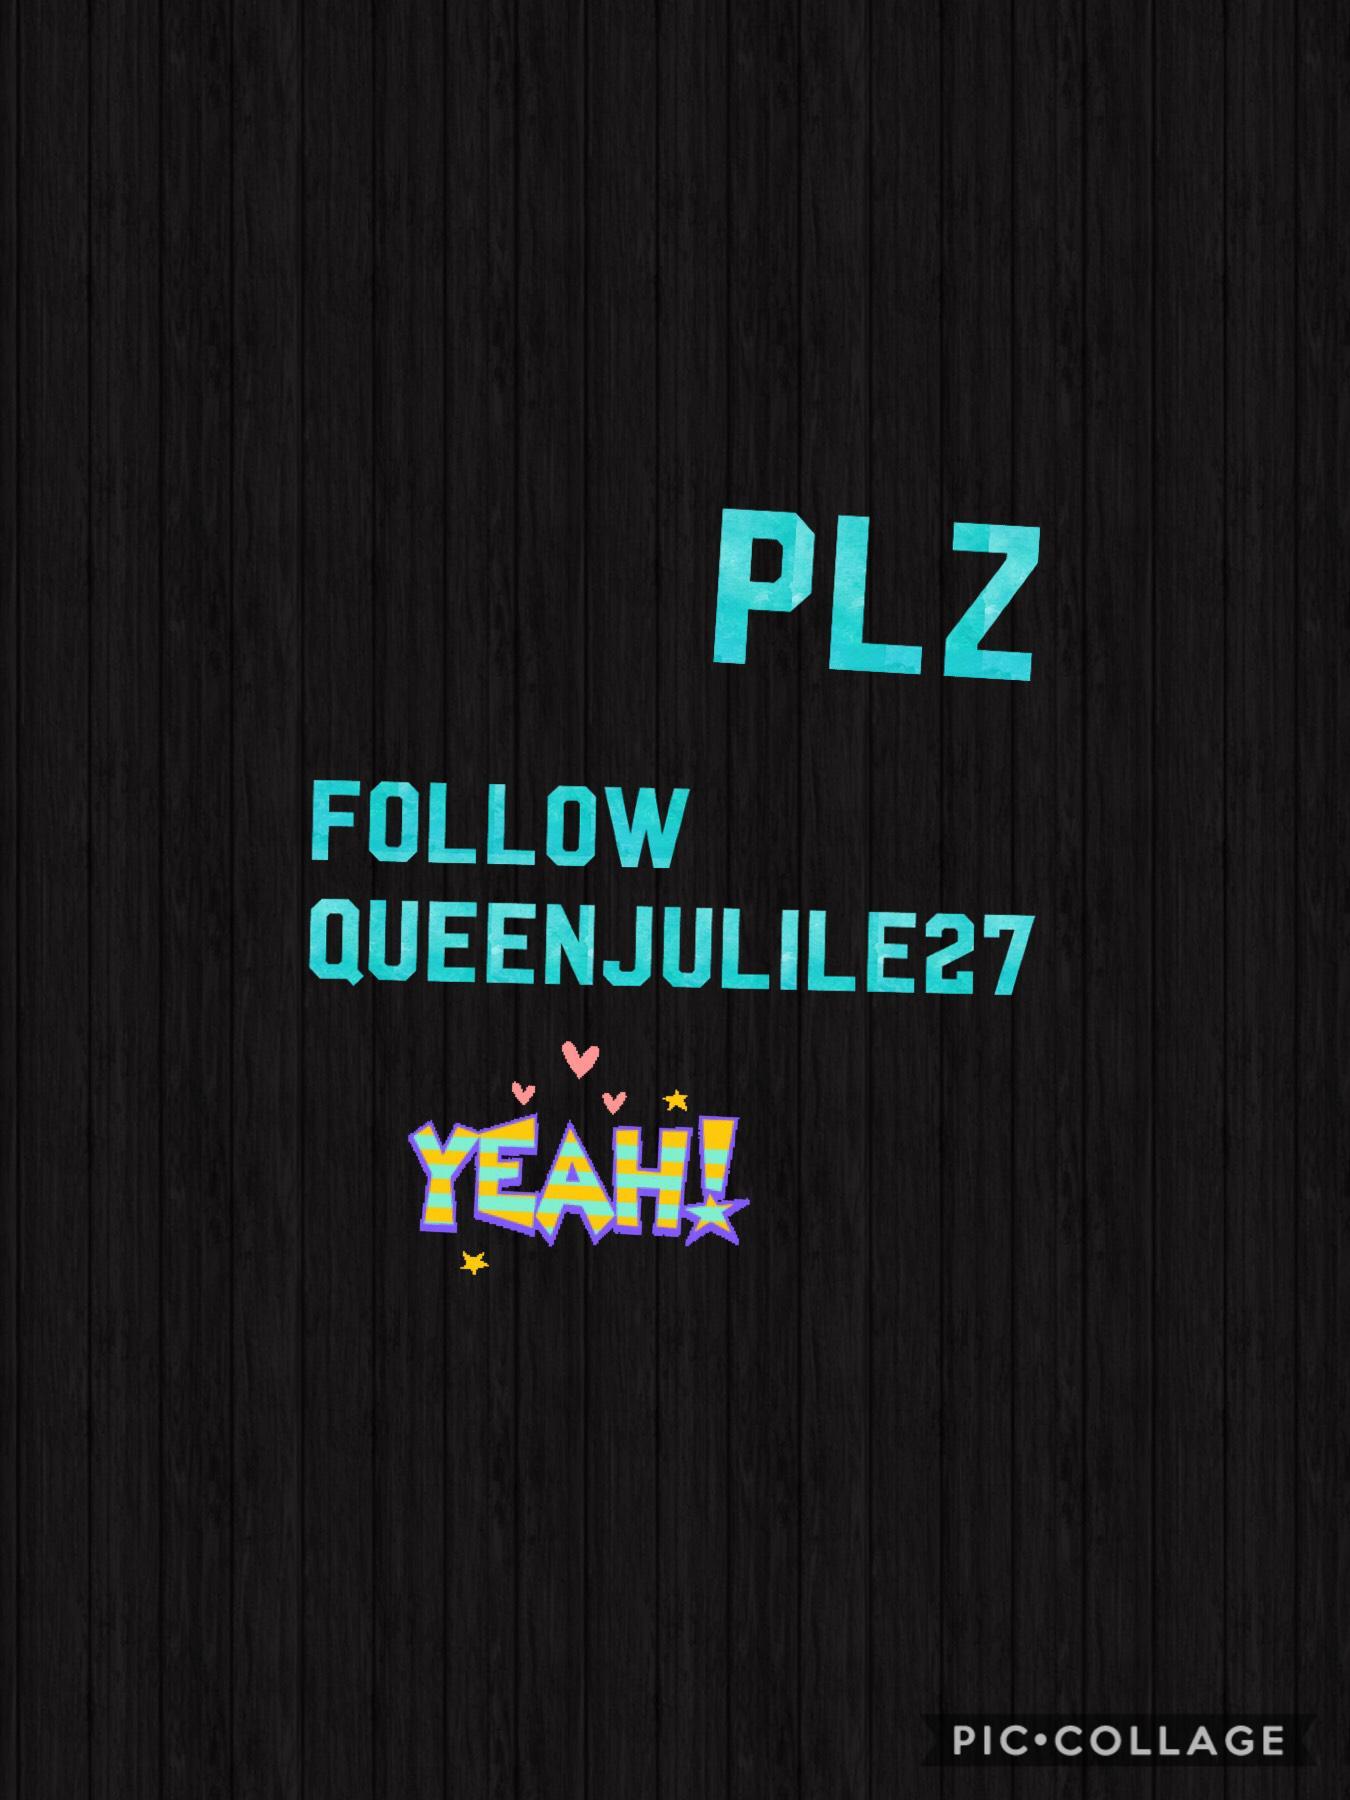 Follow my friend